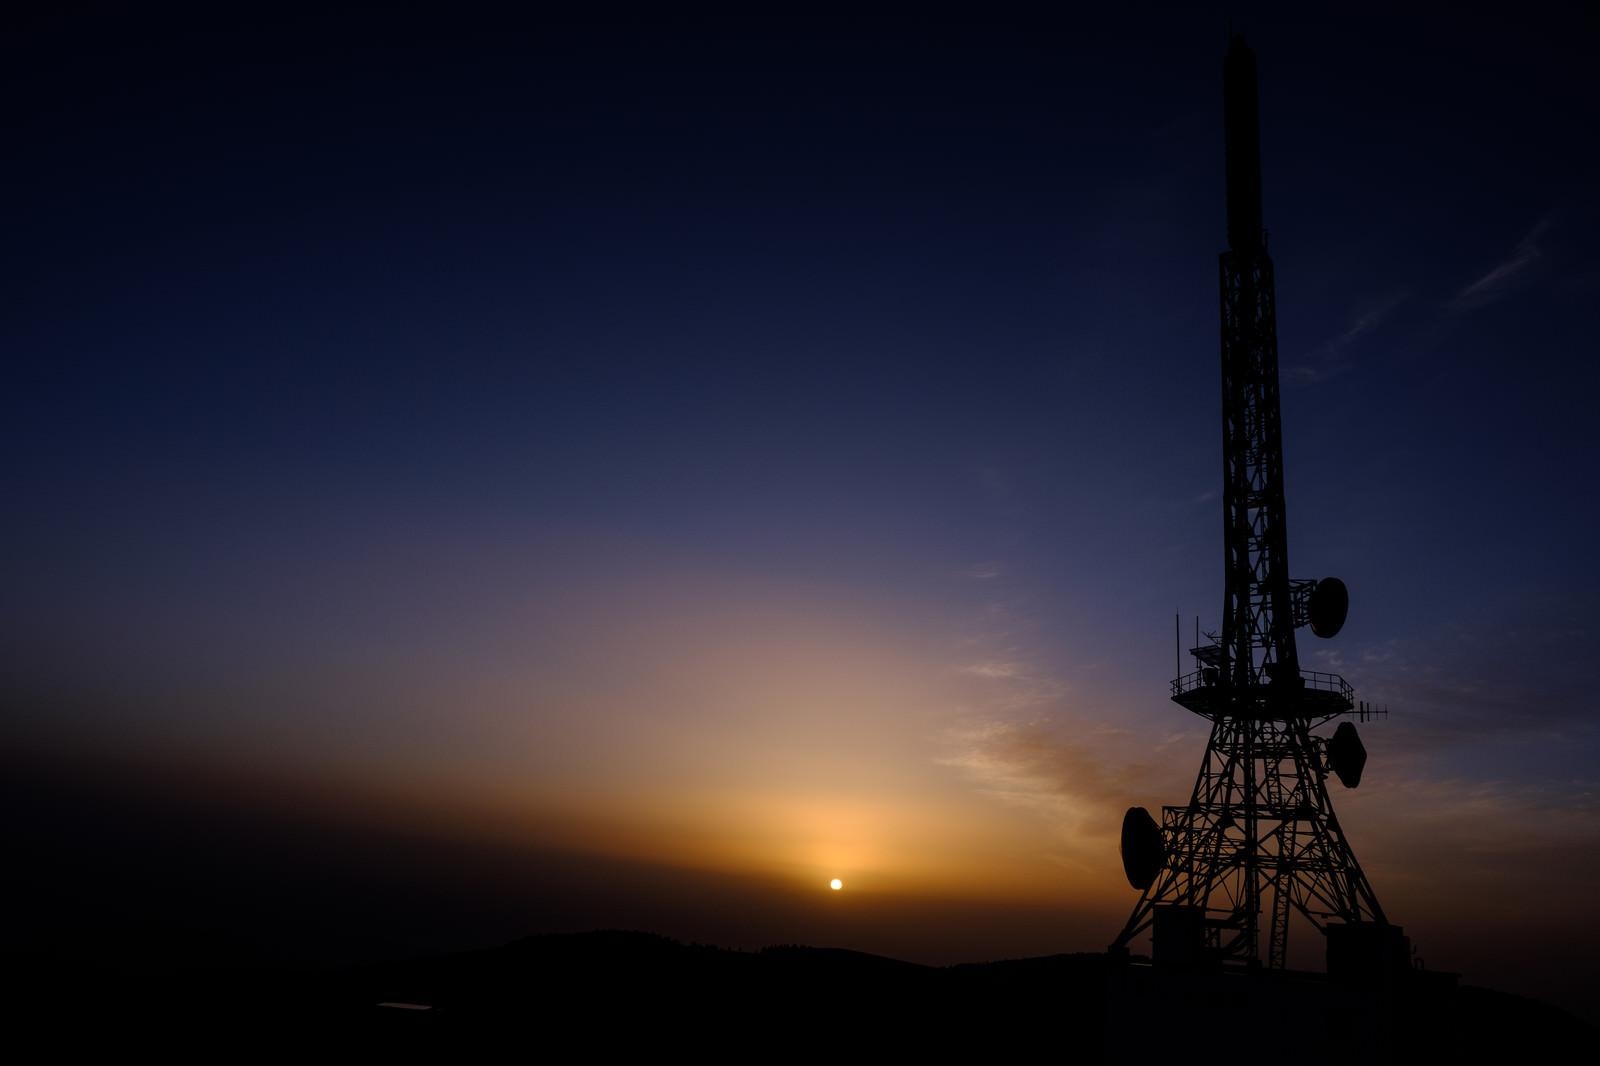 「日没と鉄塔日没と鉄塔」のフリー写真素材を拡大